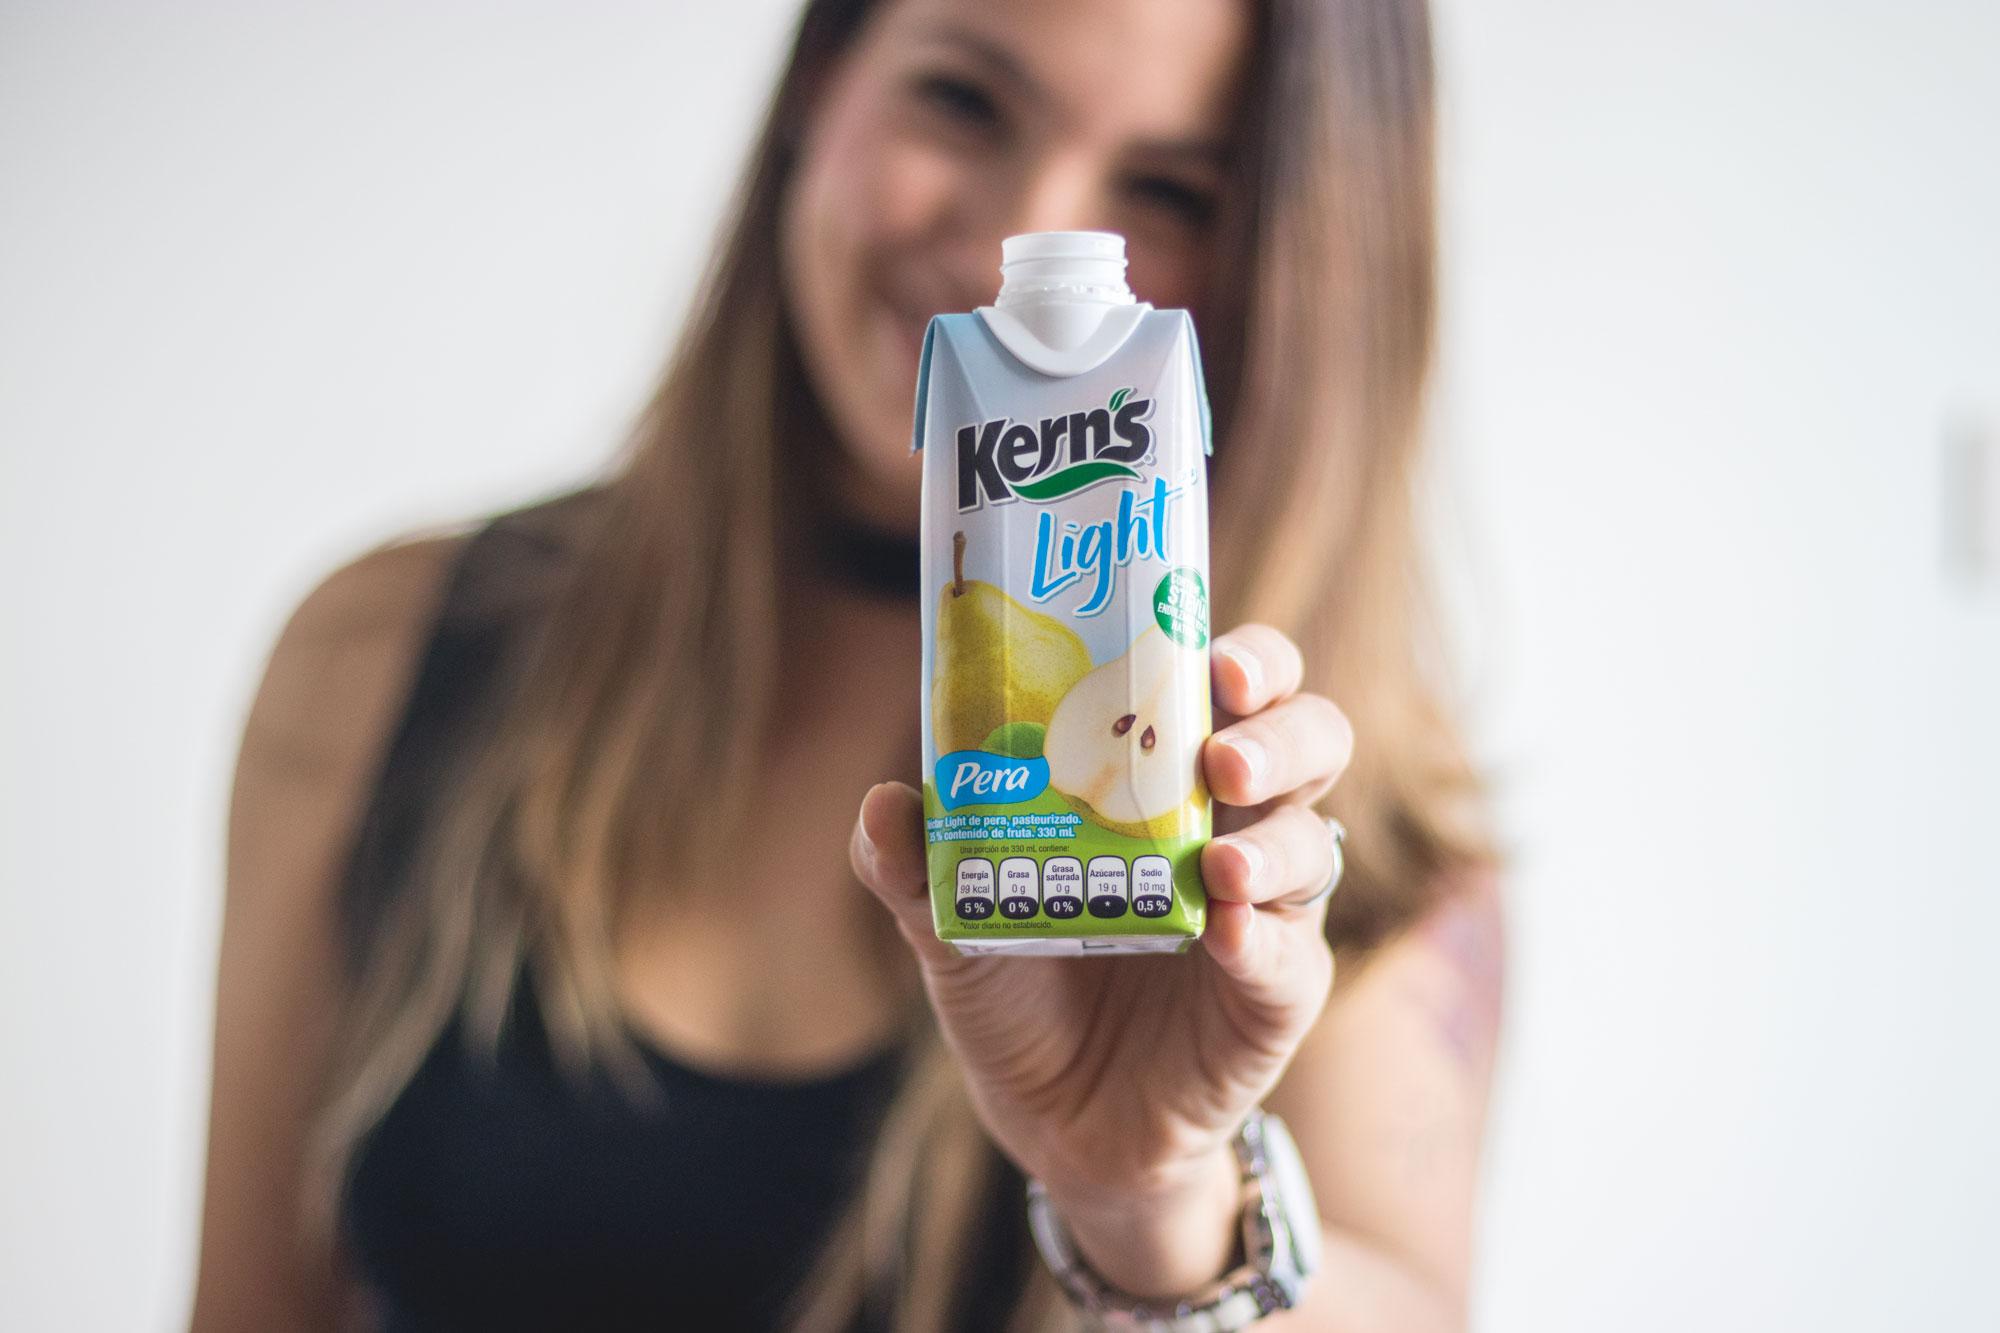 kern's light